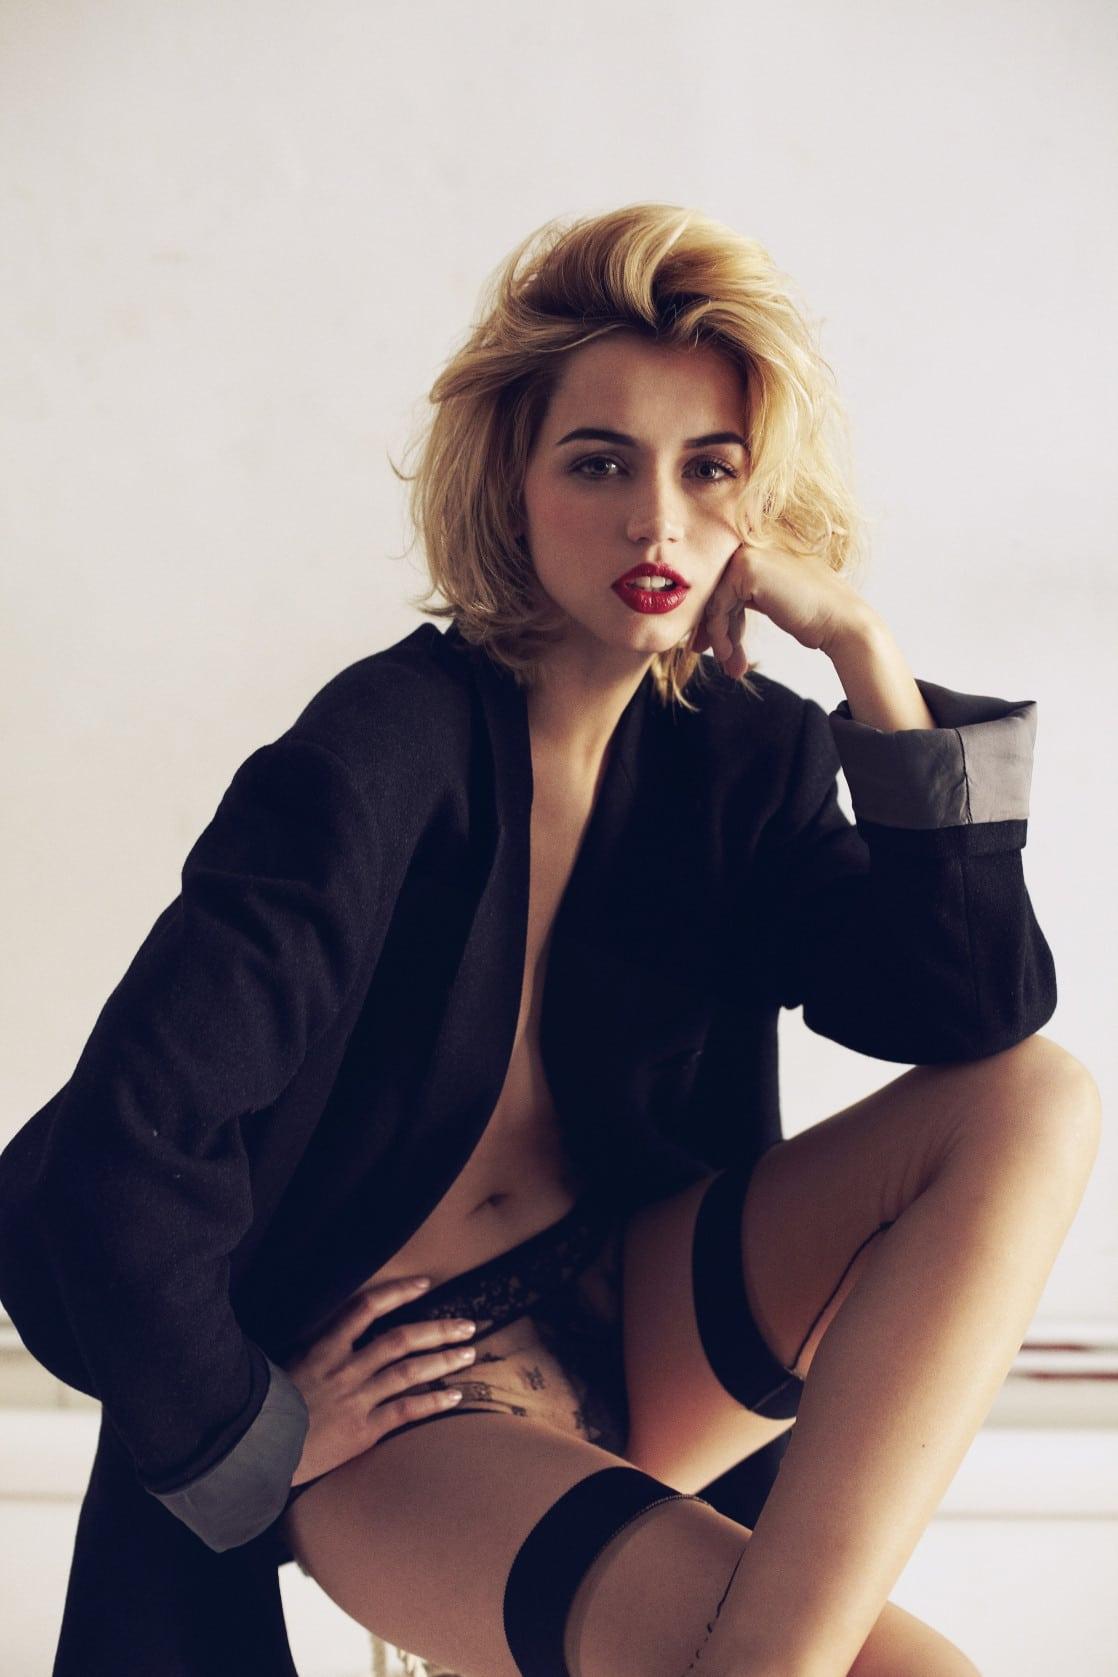 Ana de Armas hot pics undressed (1)